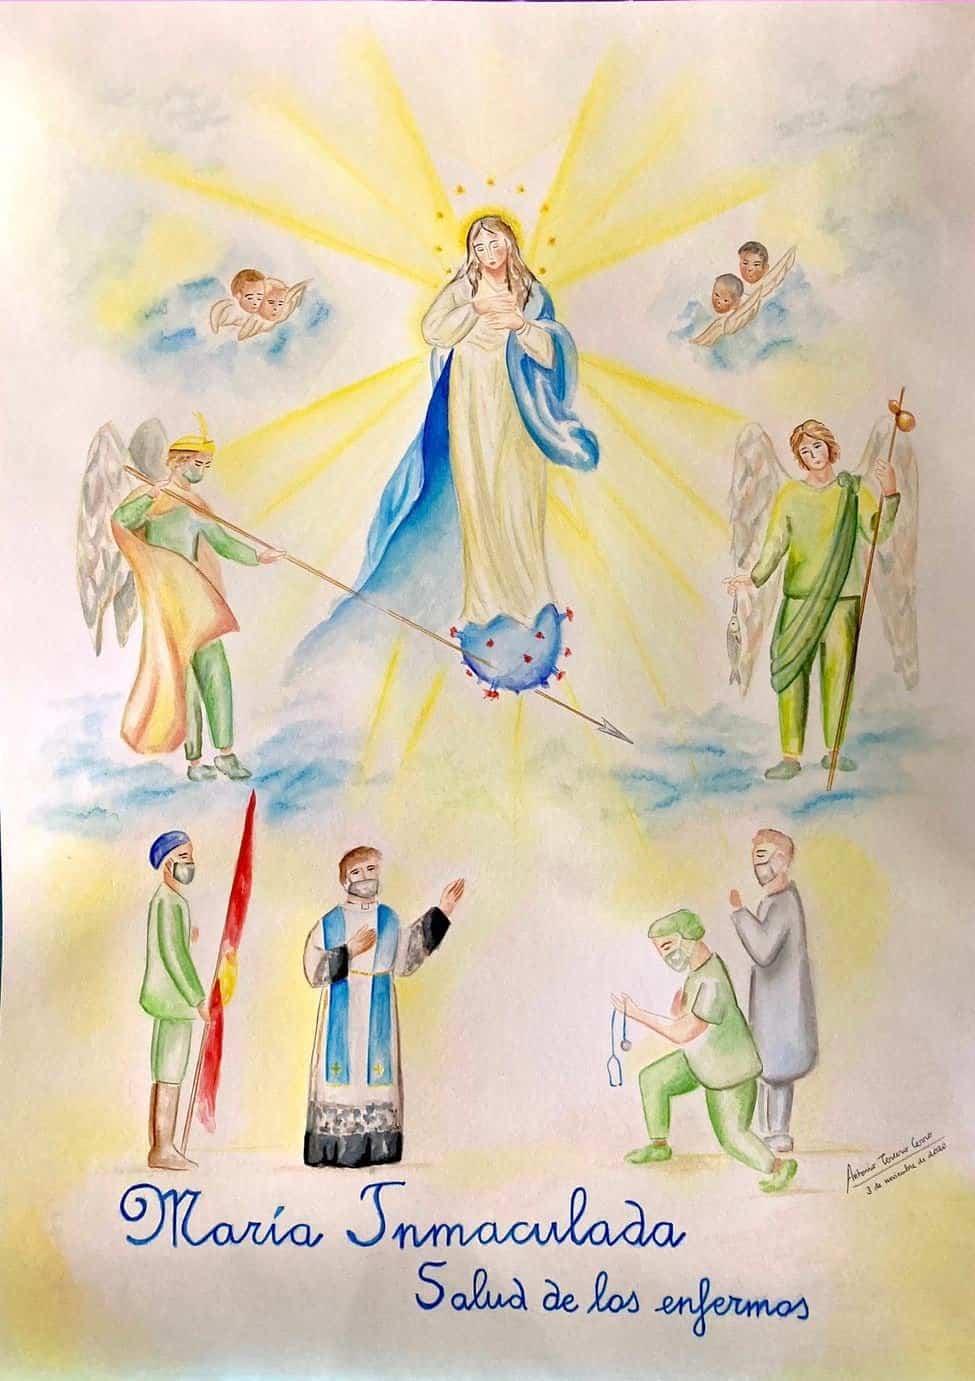 Maria Inmaculada Salud de los Enfermos - Presentado el cartel y actos en honor a la Inmaculada Concepción